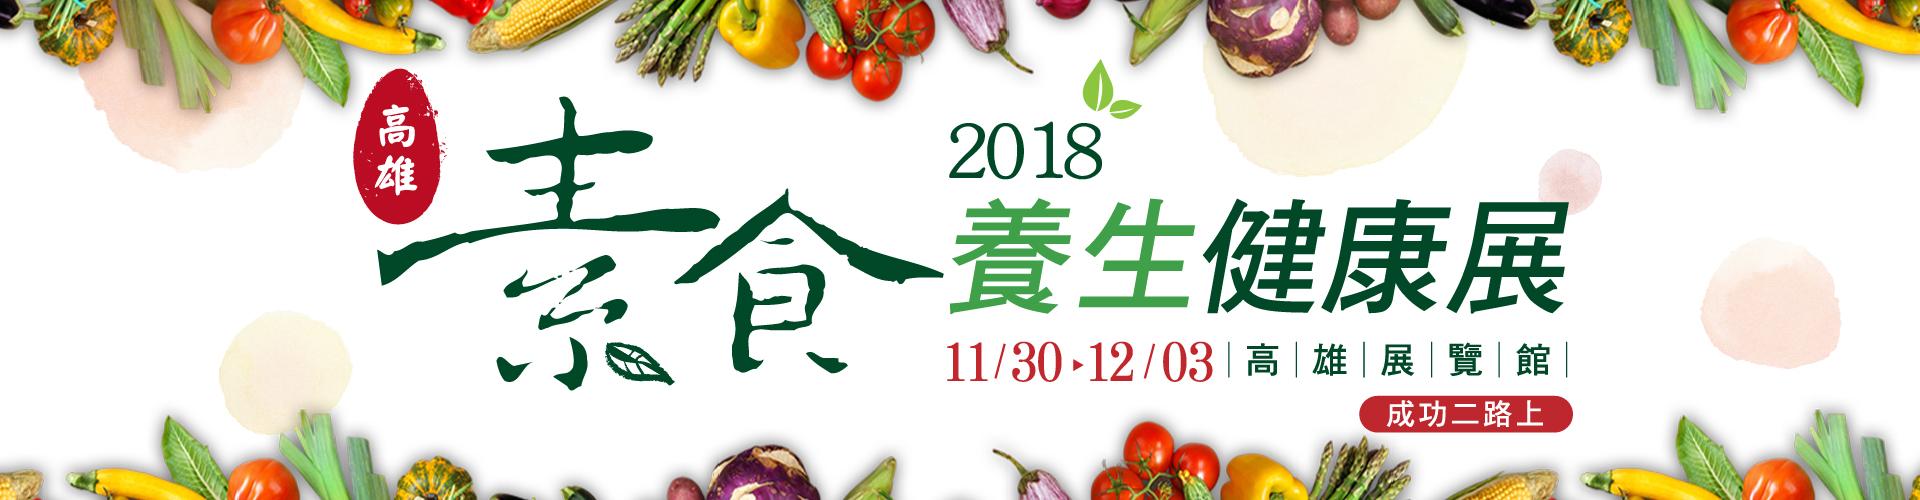 2018高雄素食養生健康展